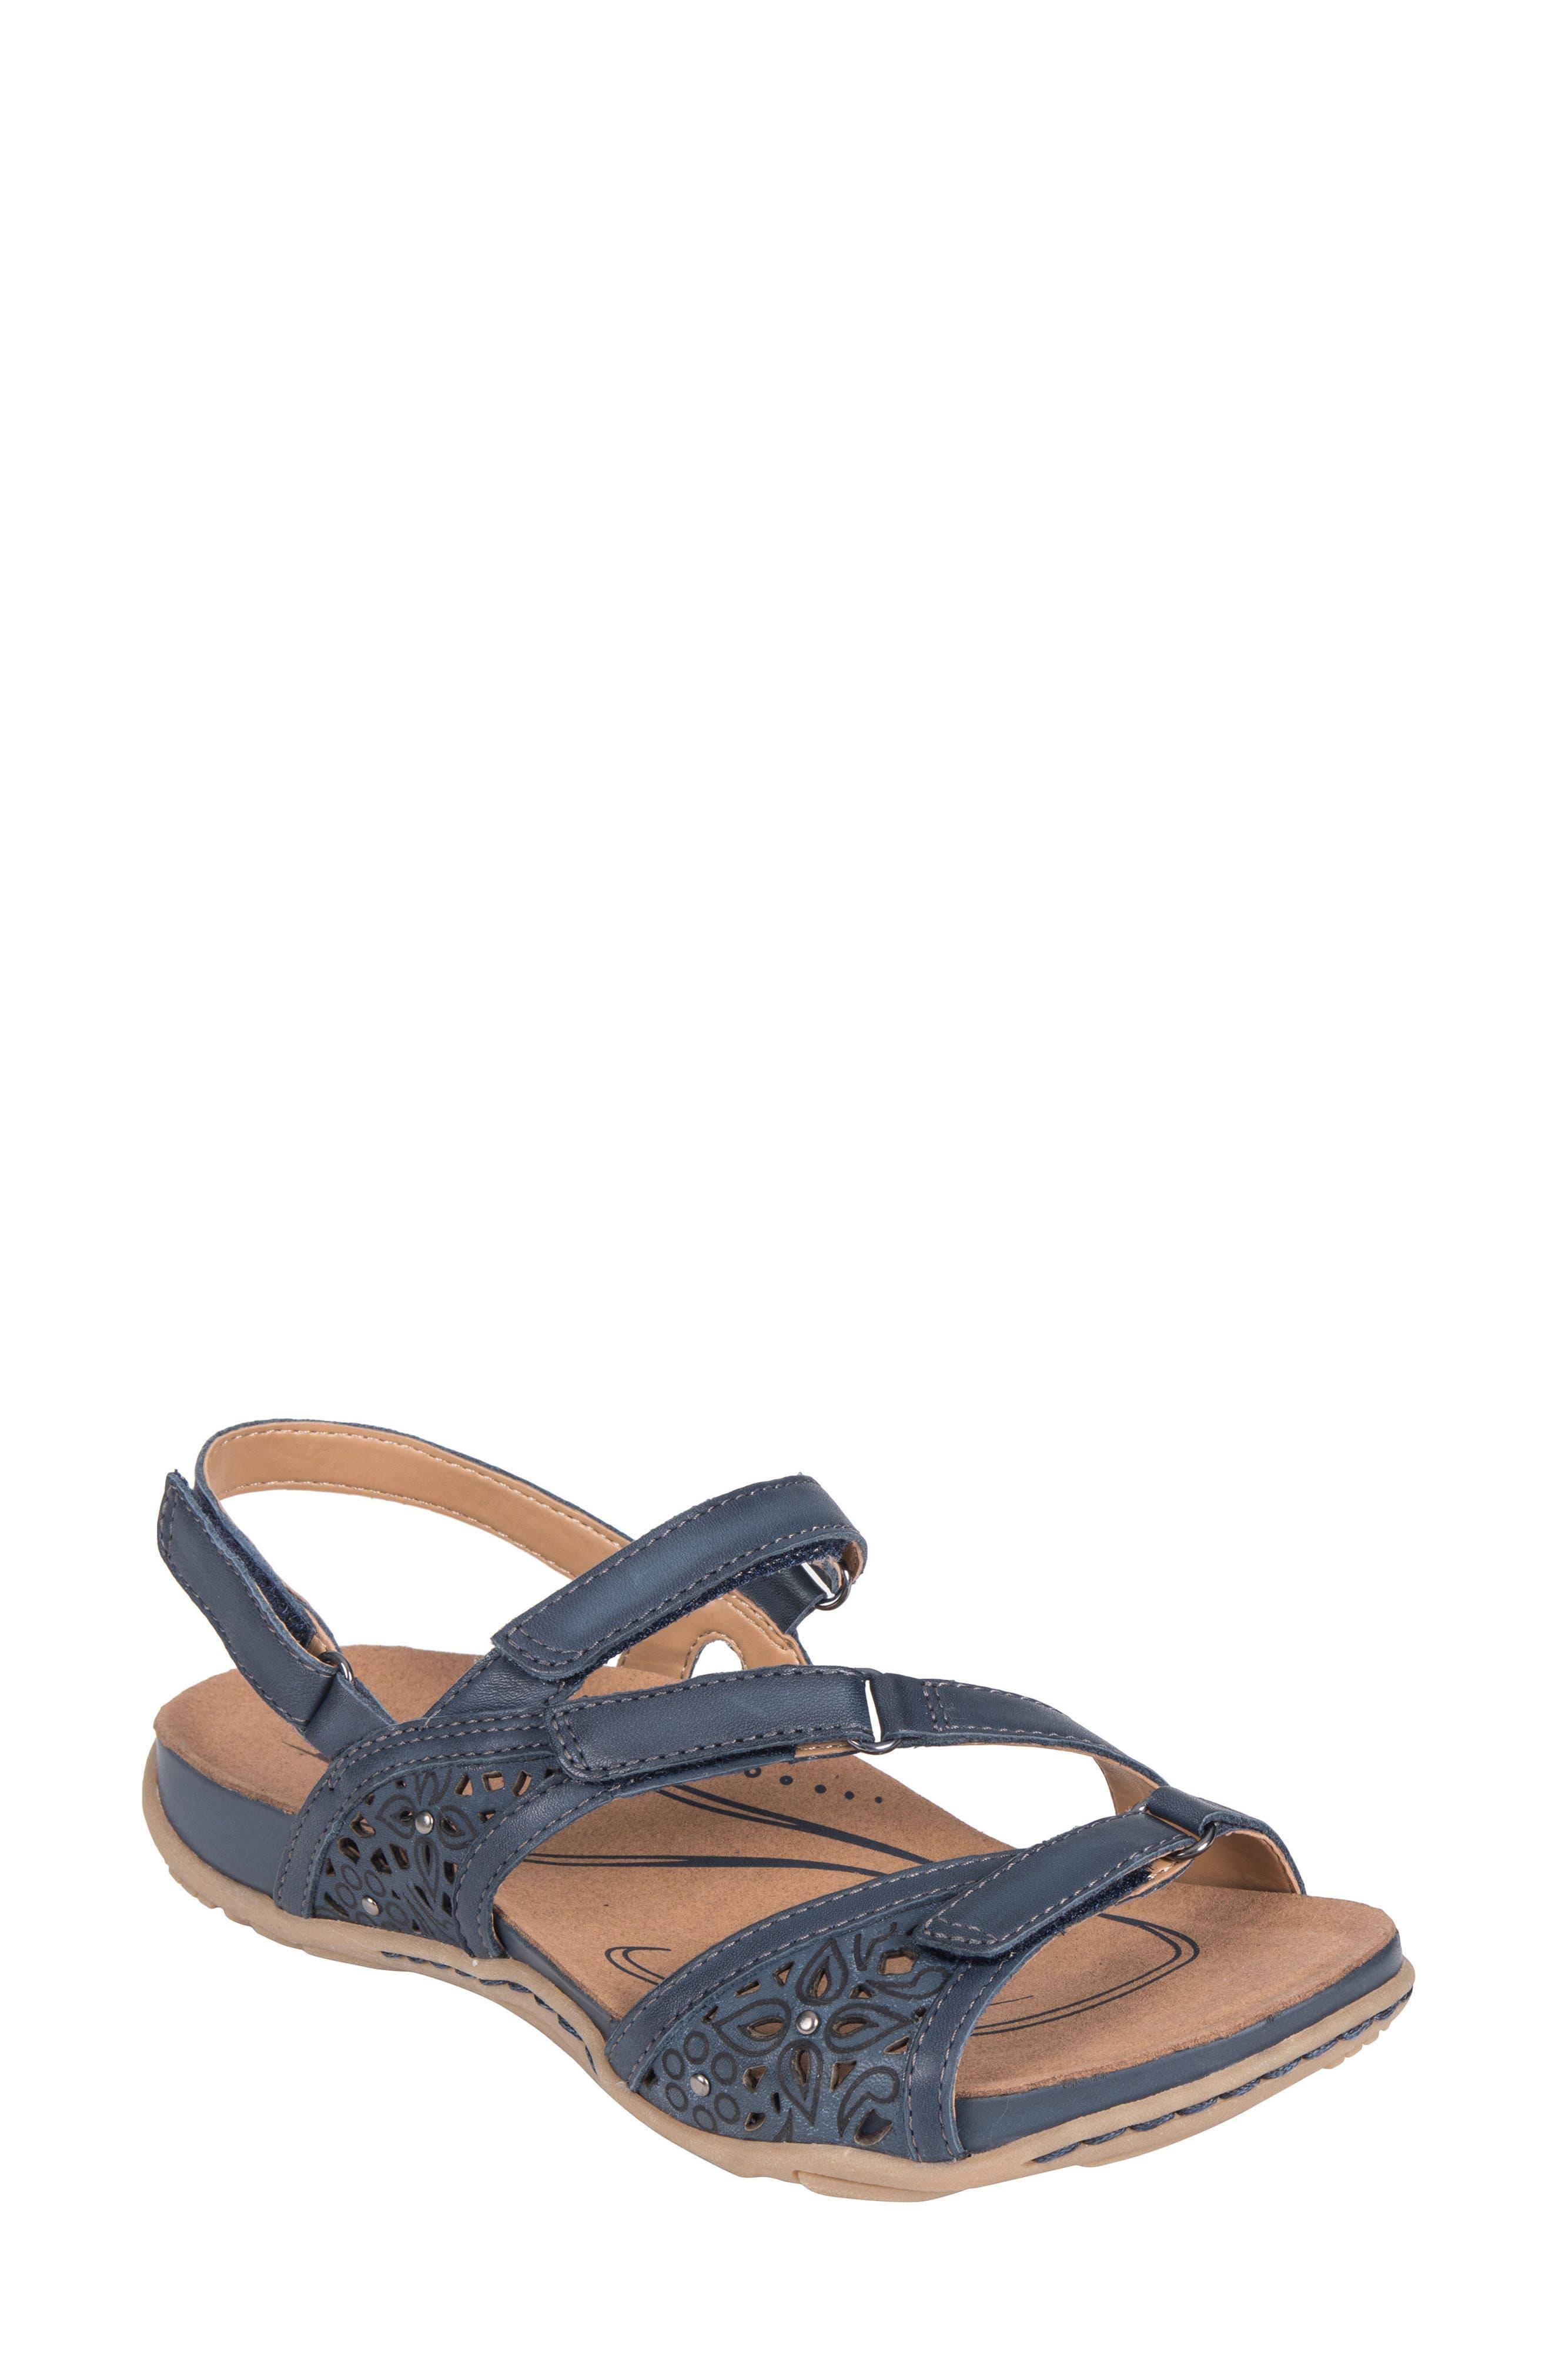 Maui Strappy Sandal,                         Main,                         color, Indigo Blue Leather